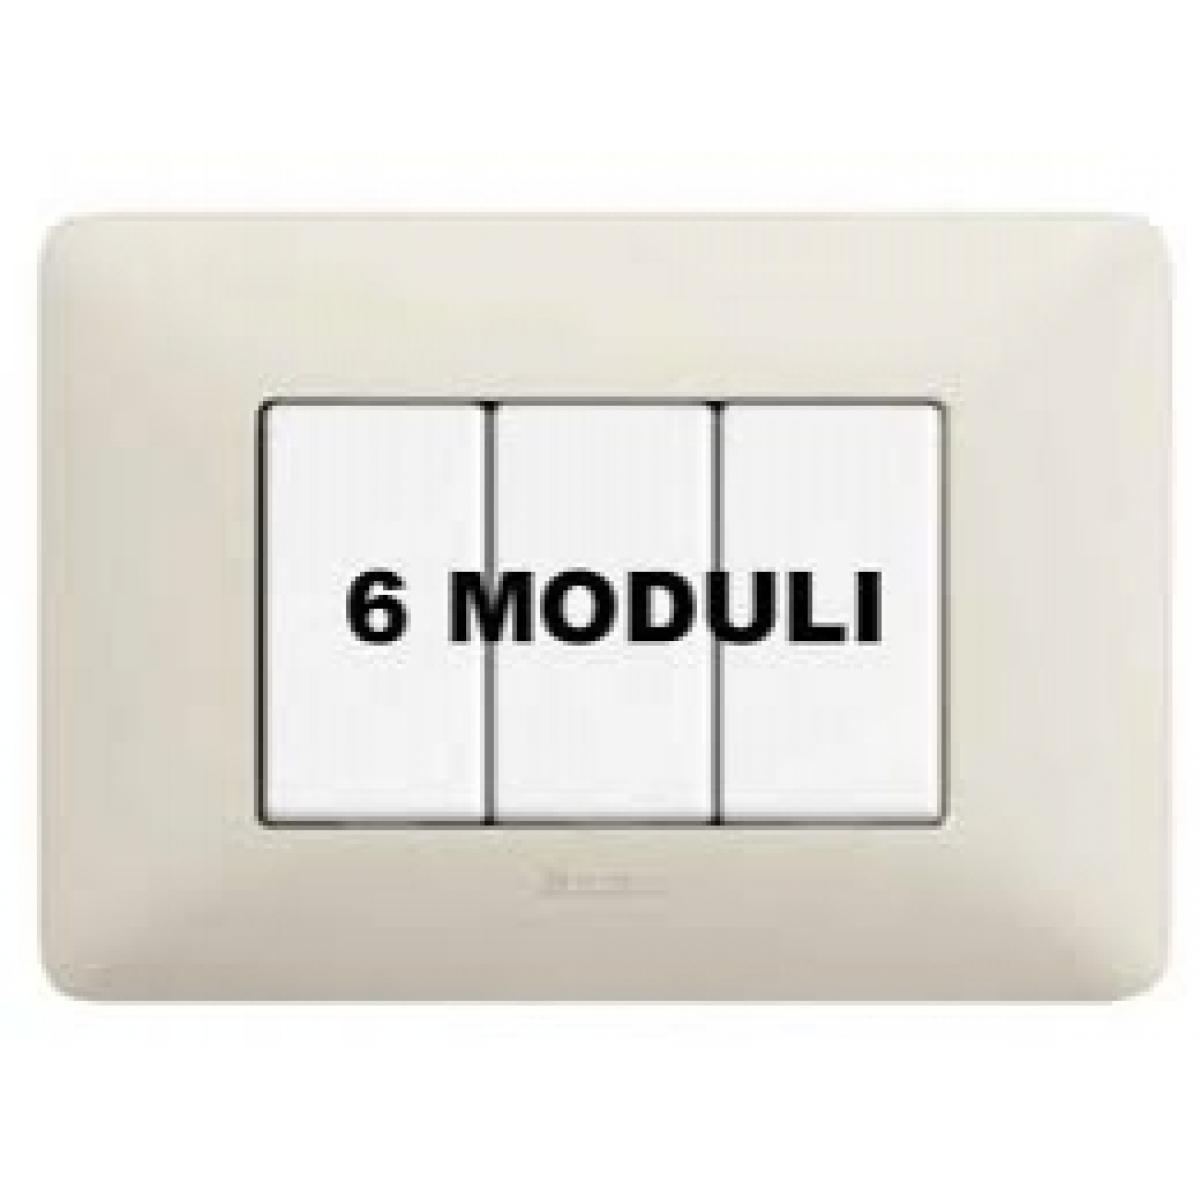 Placca 6 Moduli Cenere Bticino Matix AM4806BCN